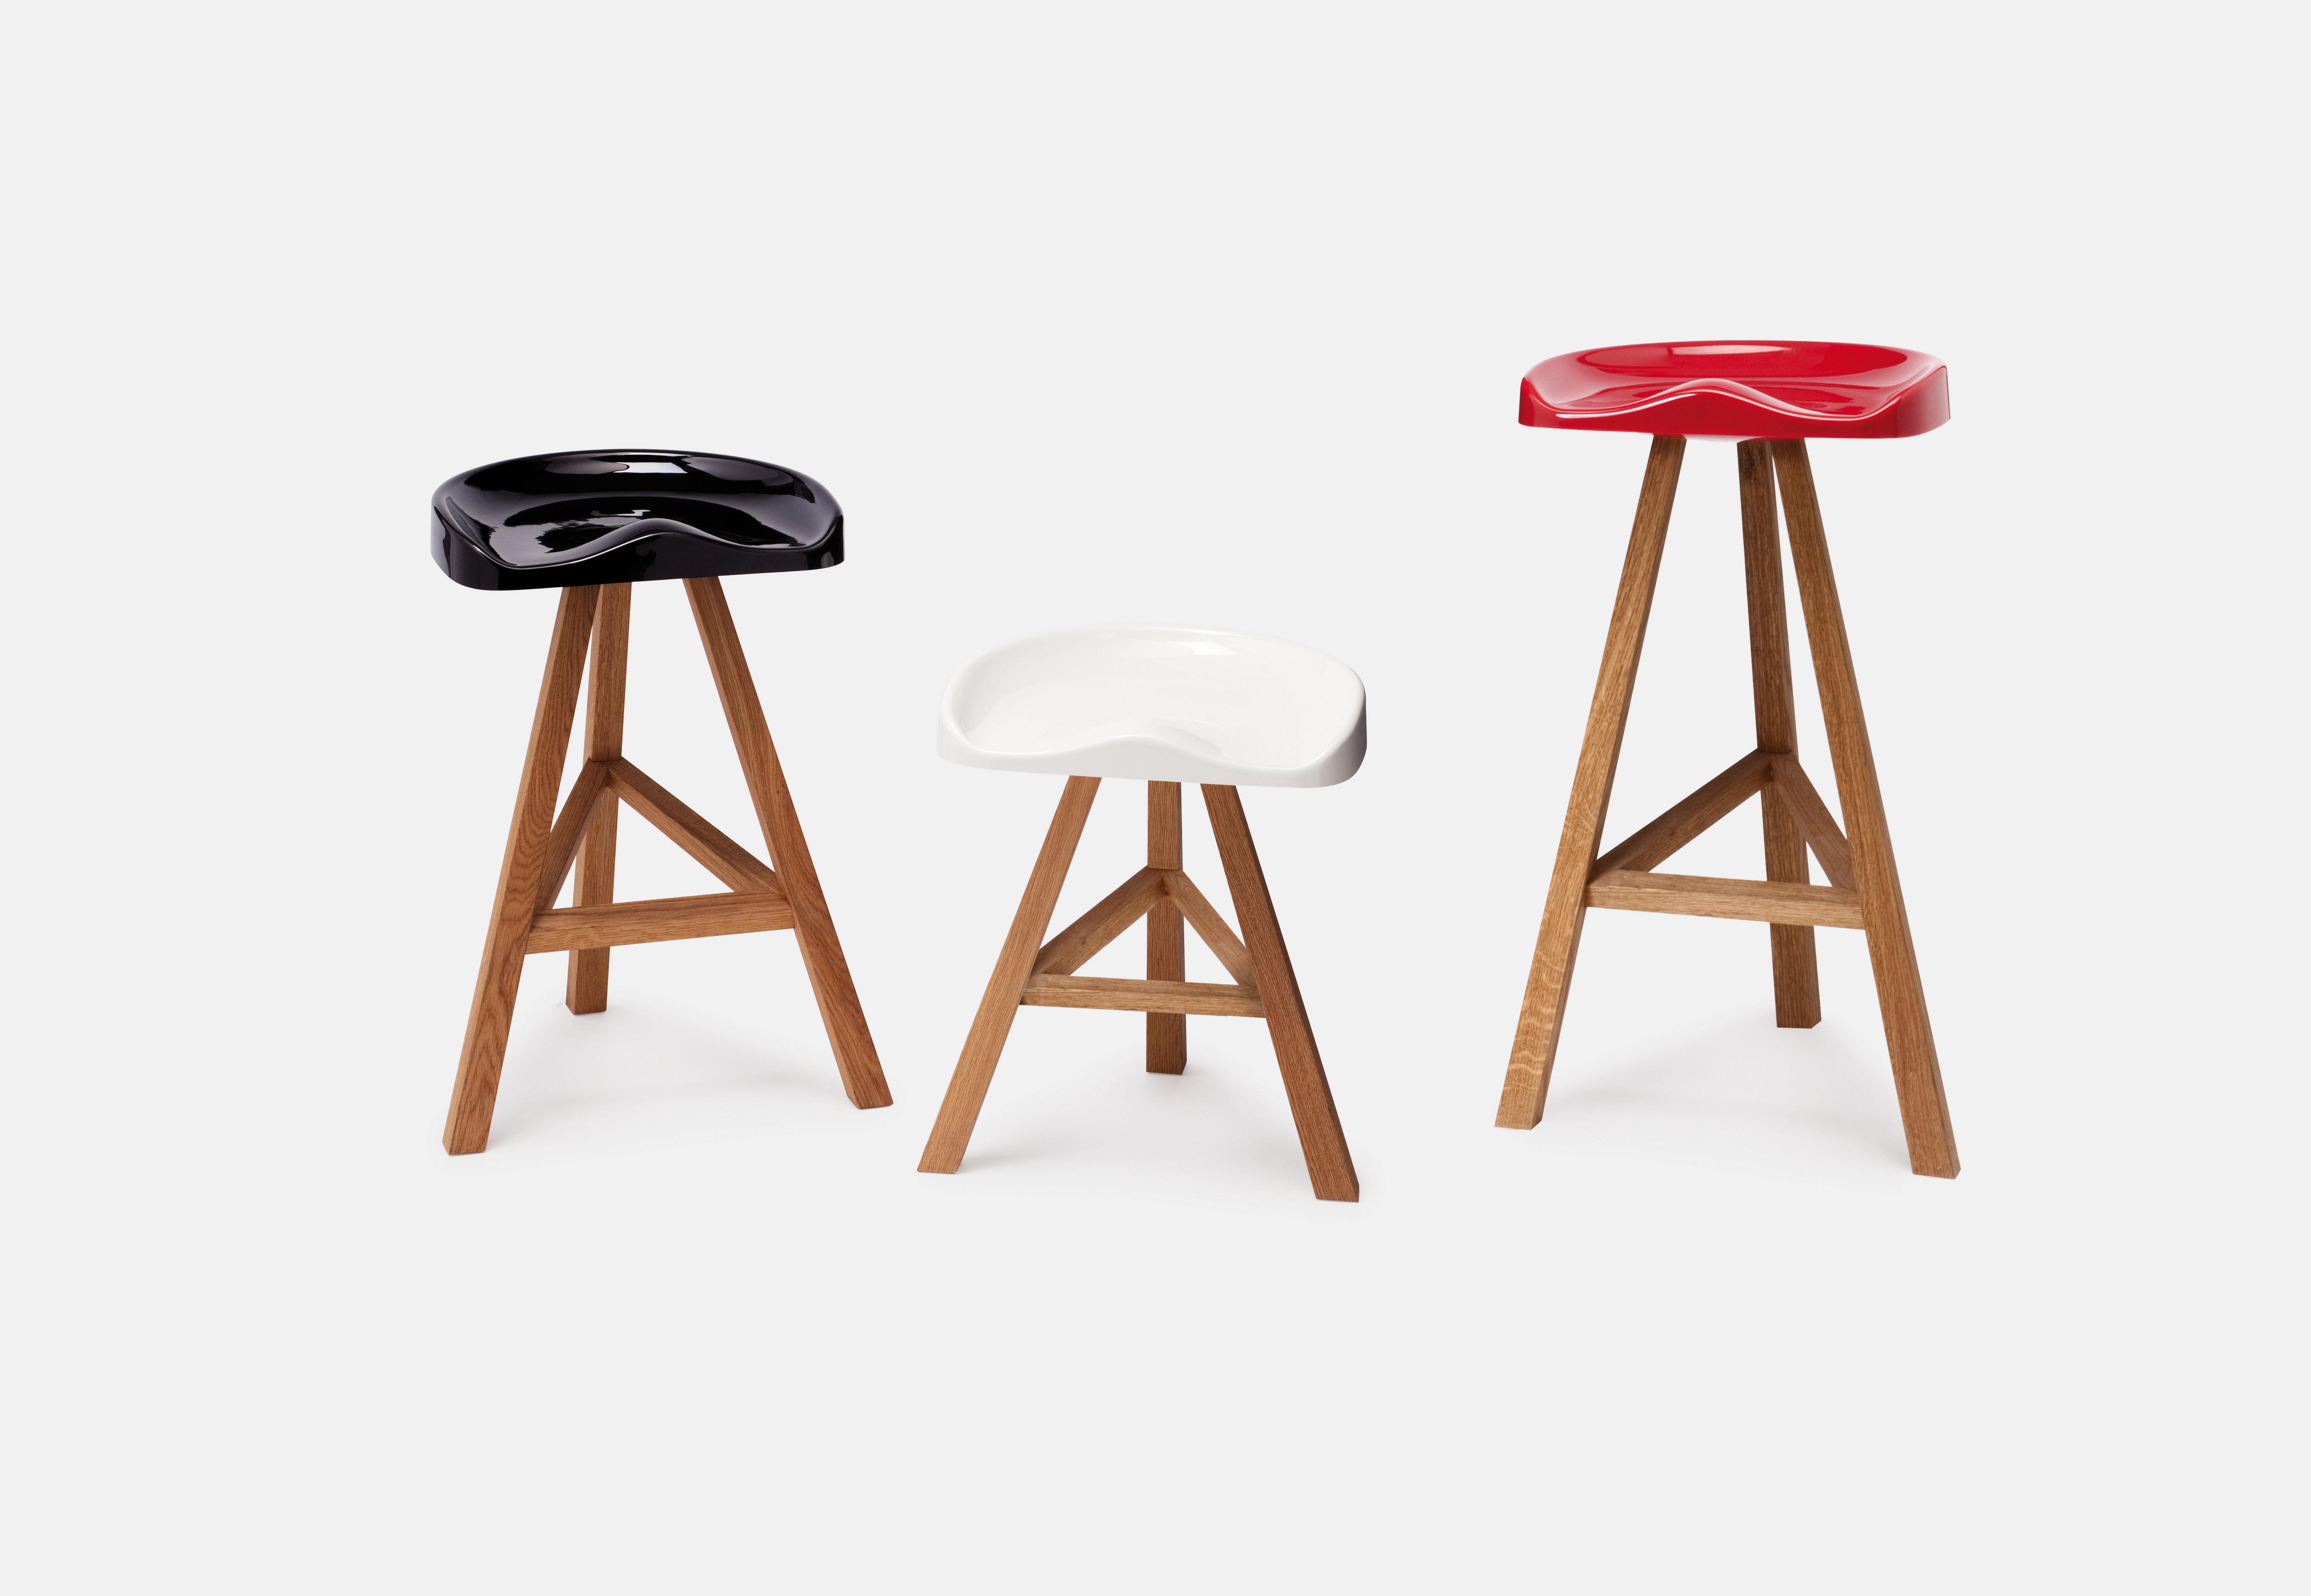 tabouret de bar heidi h 65 cm plastique bois noir established sons. Black Bedroom Furniture Sets. Home Design Ideas